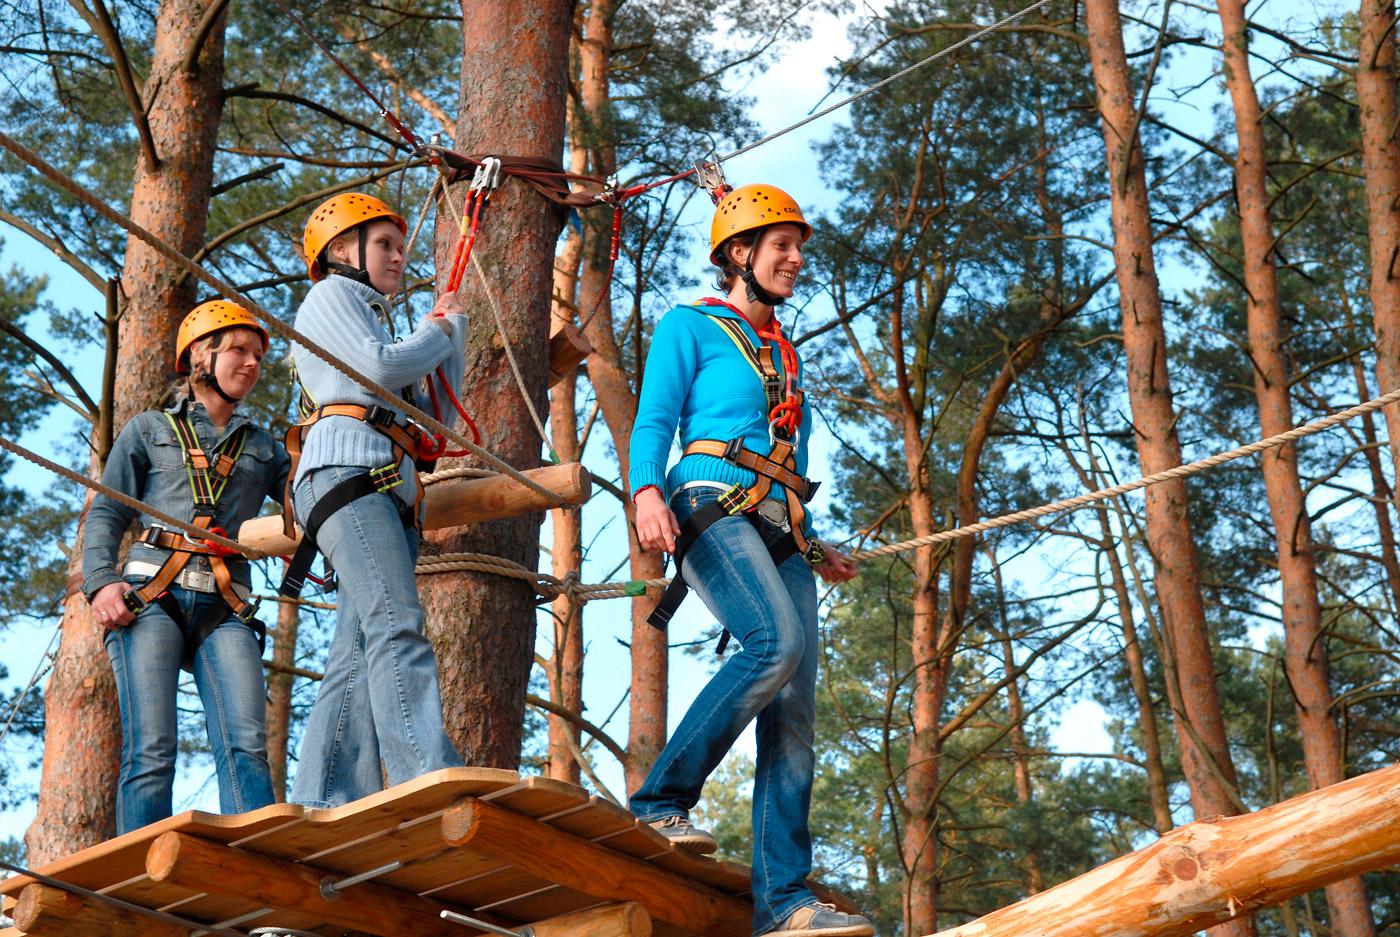 Klettergurt Für Hochseilgarten : Hochseilgarten havelberge haveltourist gmbh co kg